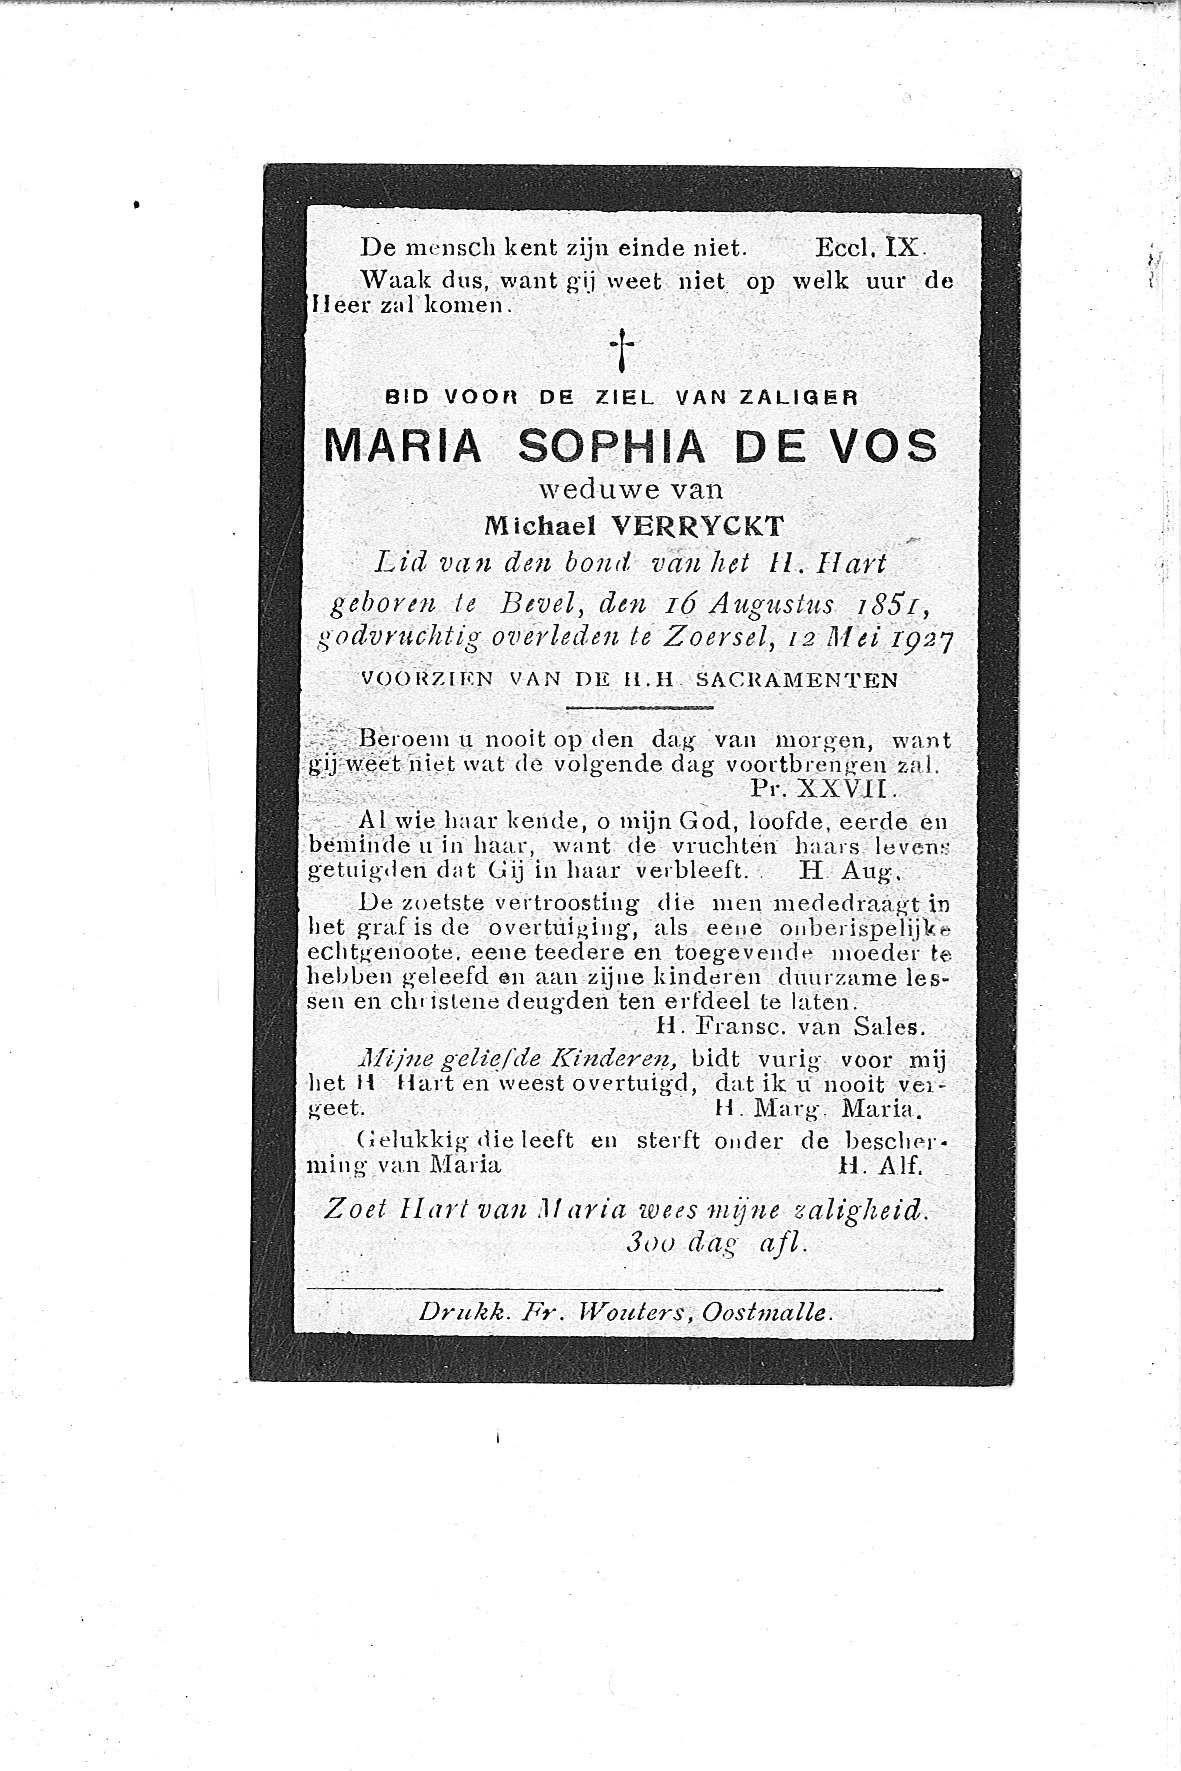 Maria Sophia (1927) 20120306142406_00097.jpg